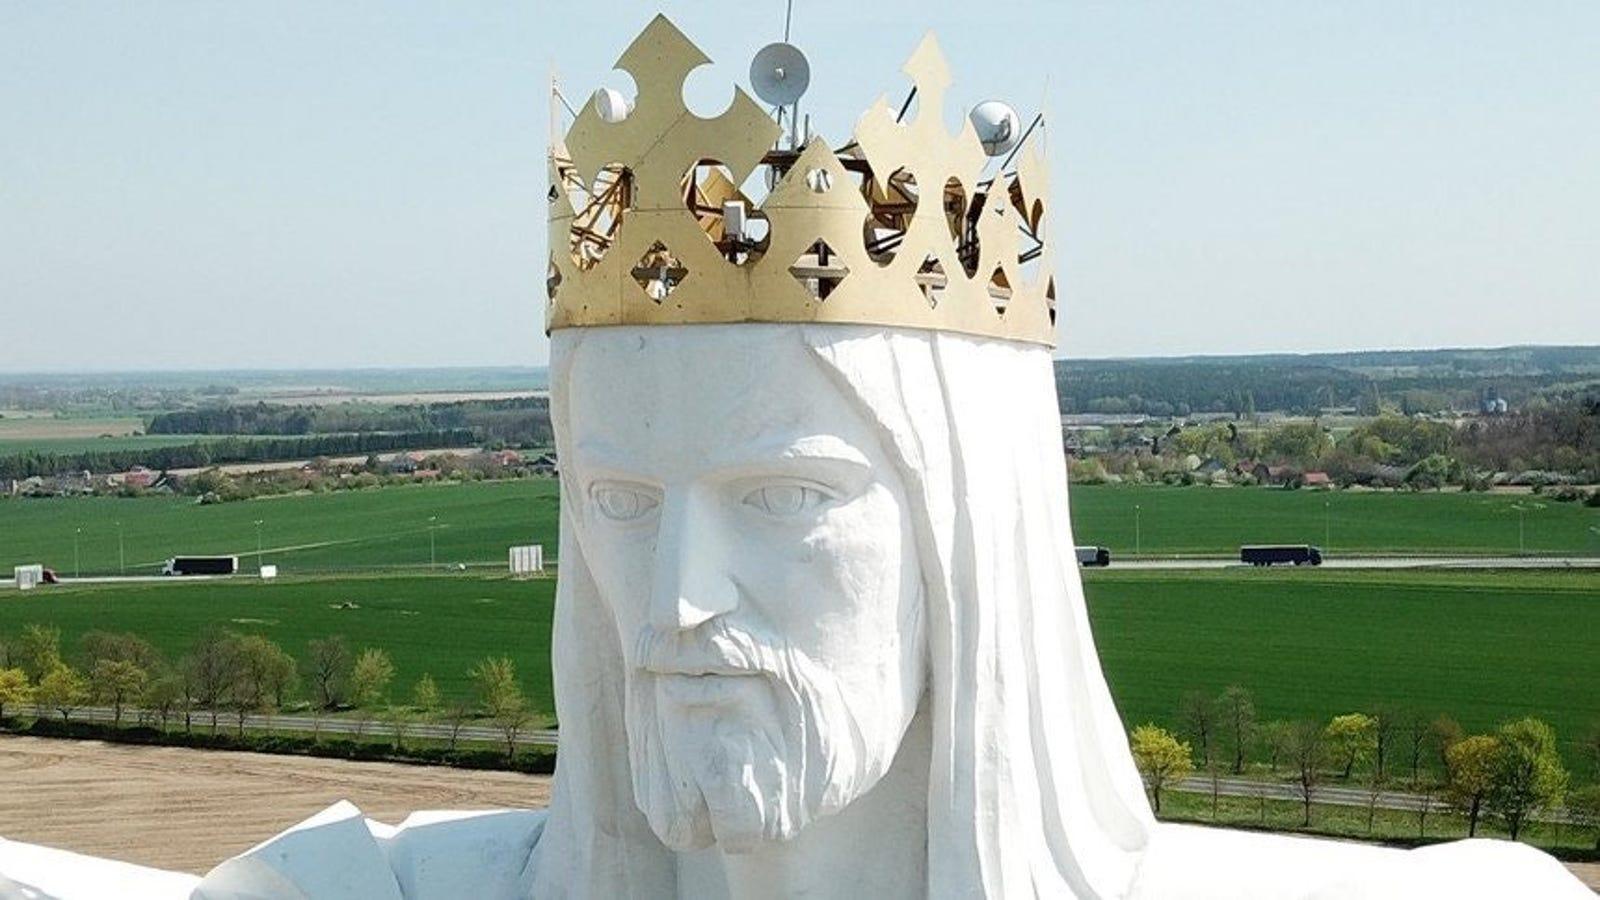 Polonia está usando la estatua de Cristo más alta del mundo para emitir wifi, y la gente está molesta